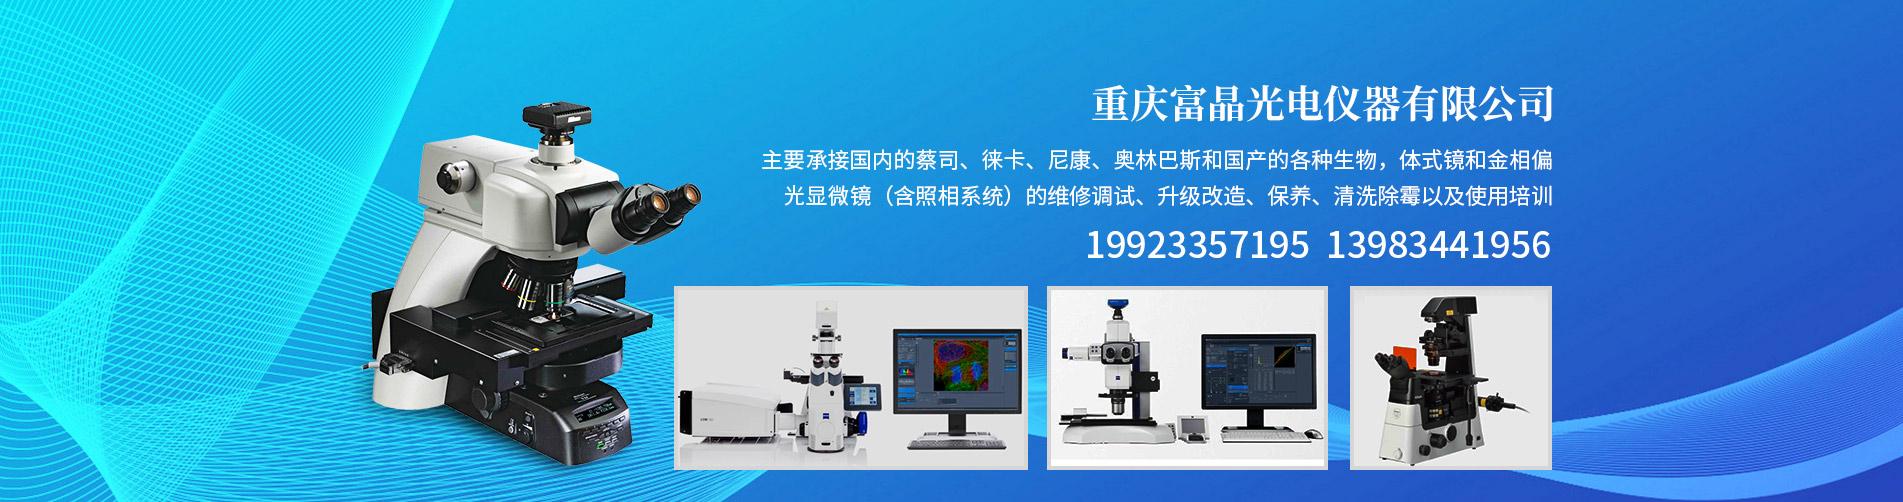 重庆显微镜维修